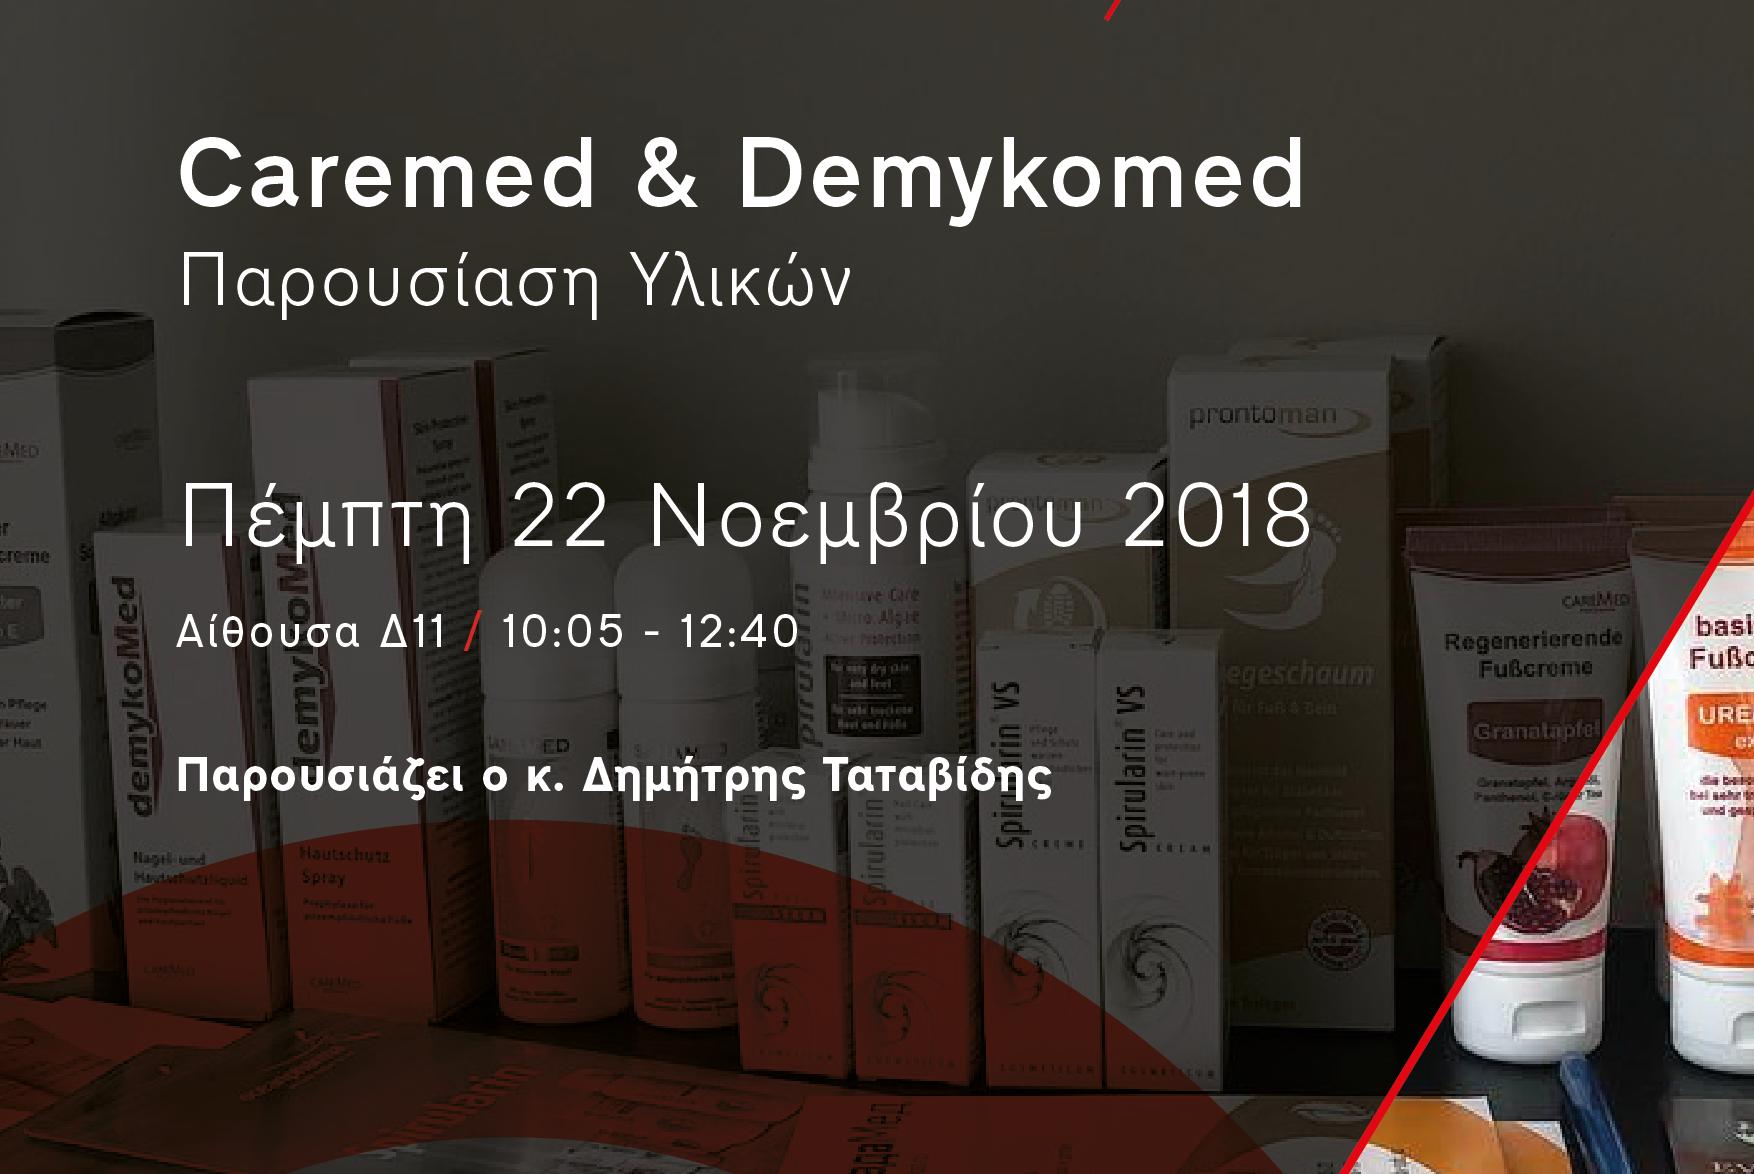 Σεμινάριο   Caremed & Demykomed